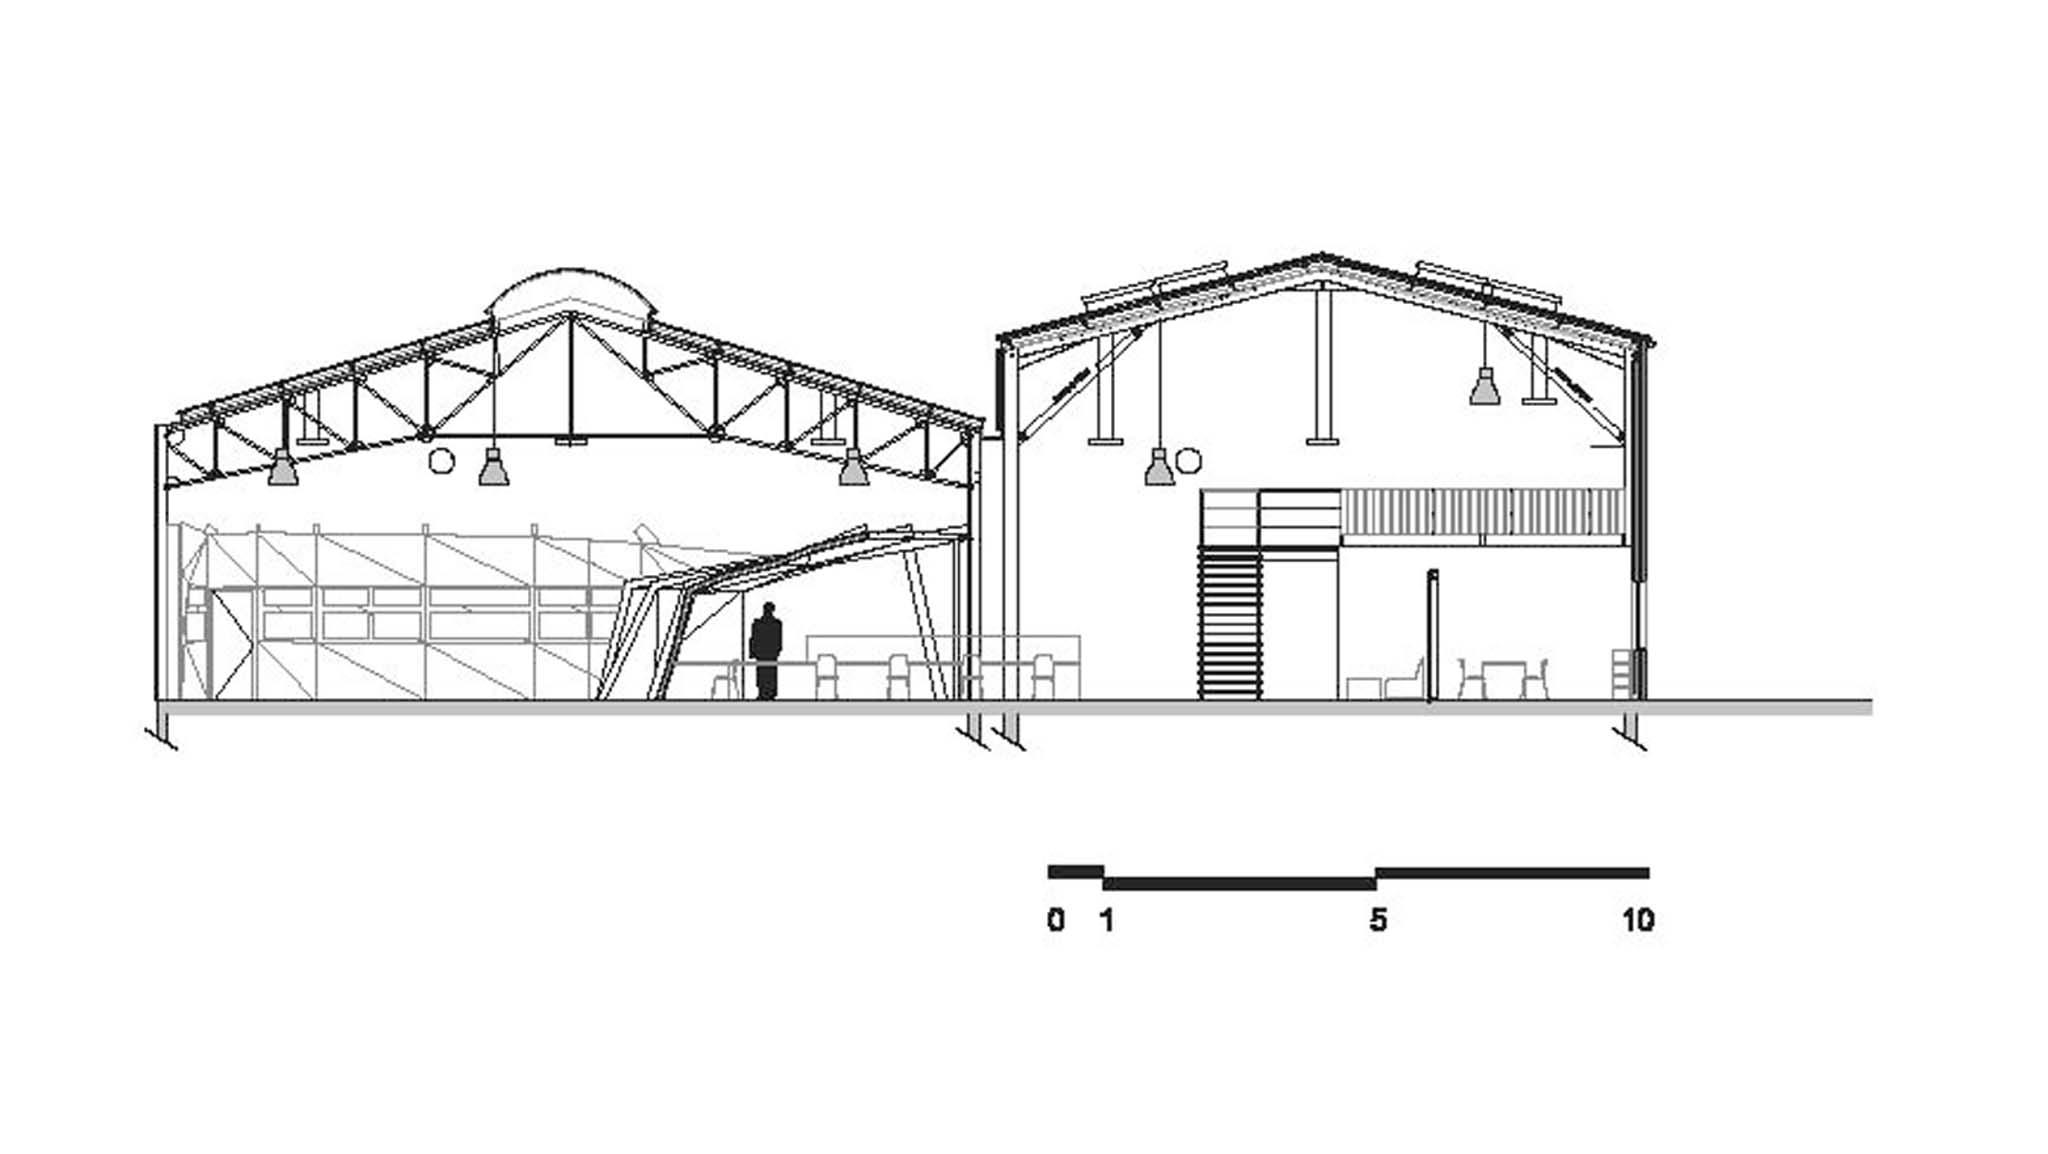 Gardera d fondation surfrider biarritz for Coupe verticale d un batiment